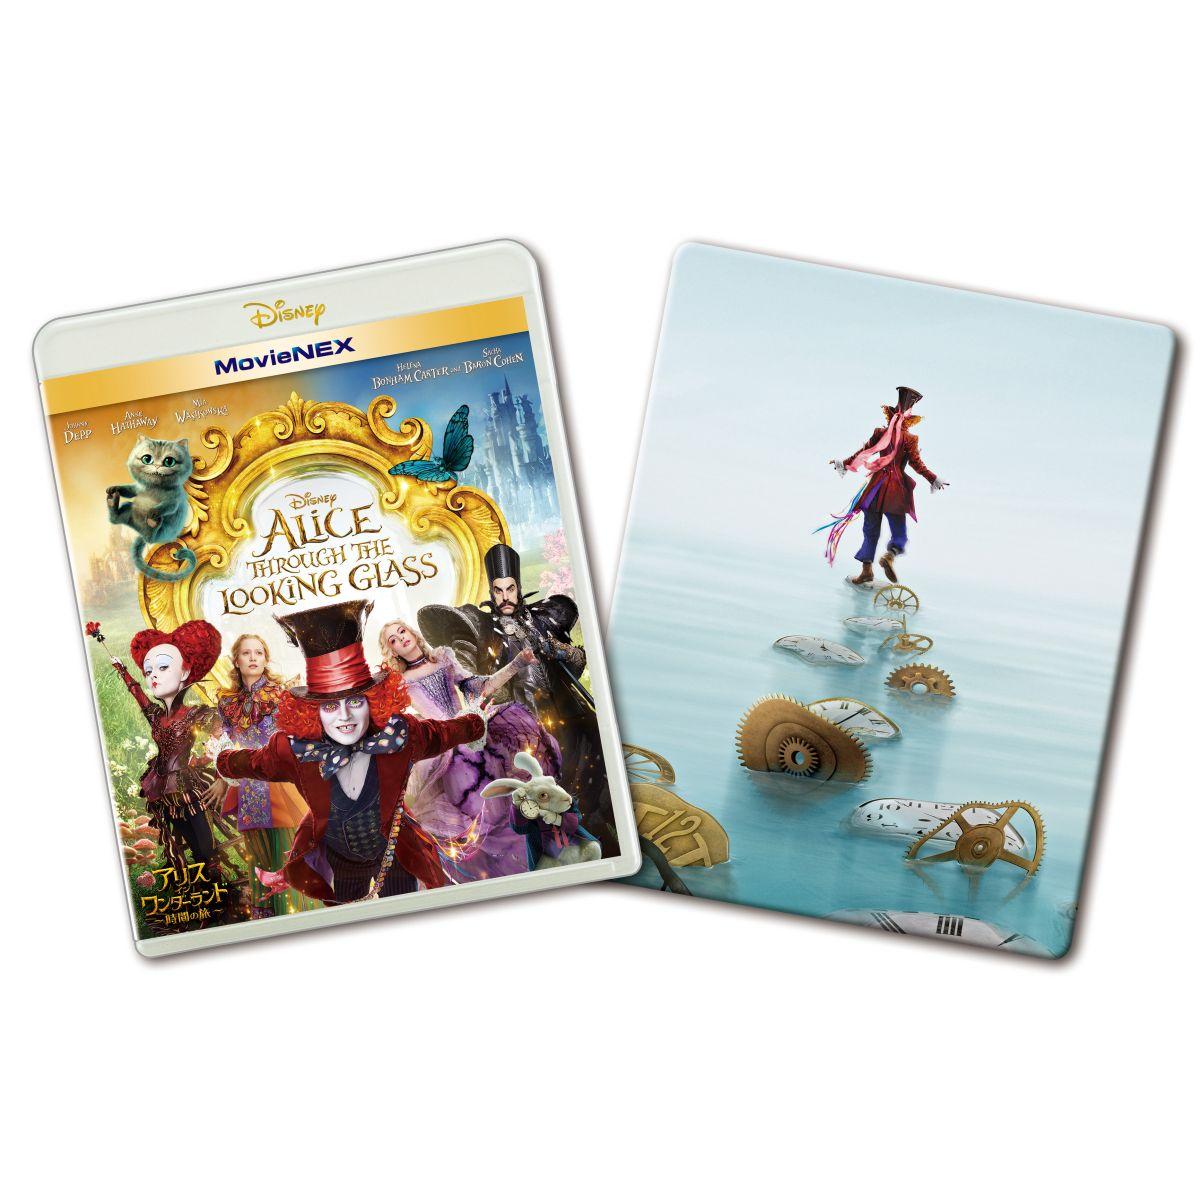 オンライン数量限定商品 アリス・イン・ワンダーランド/時間の旅 MovieNEXプラス3Dスチールブック